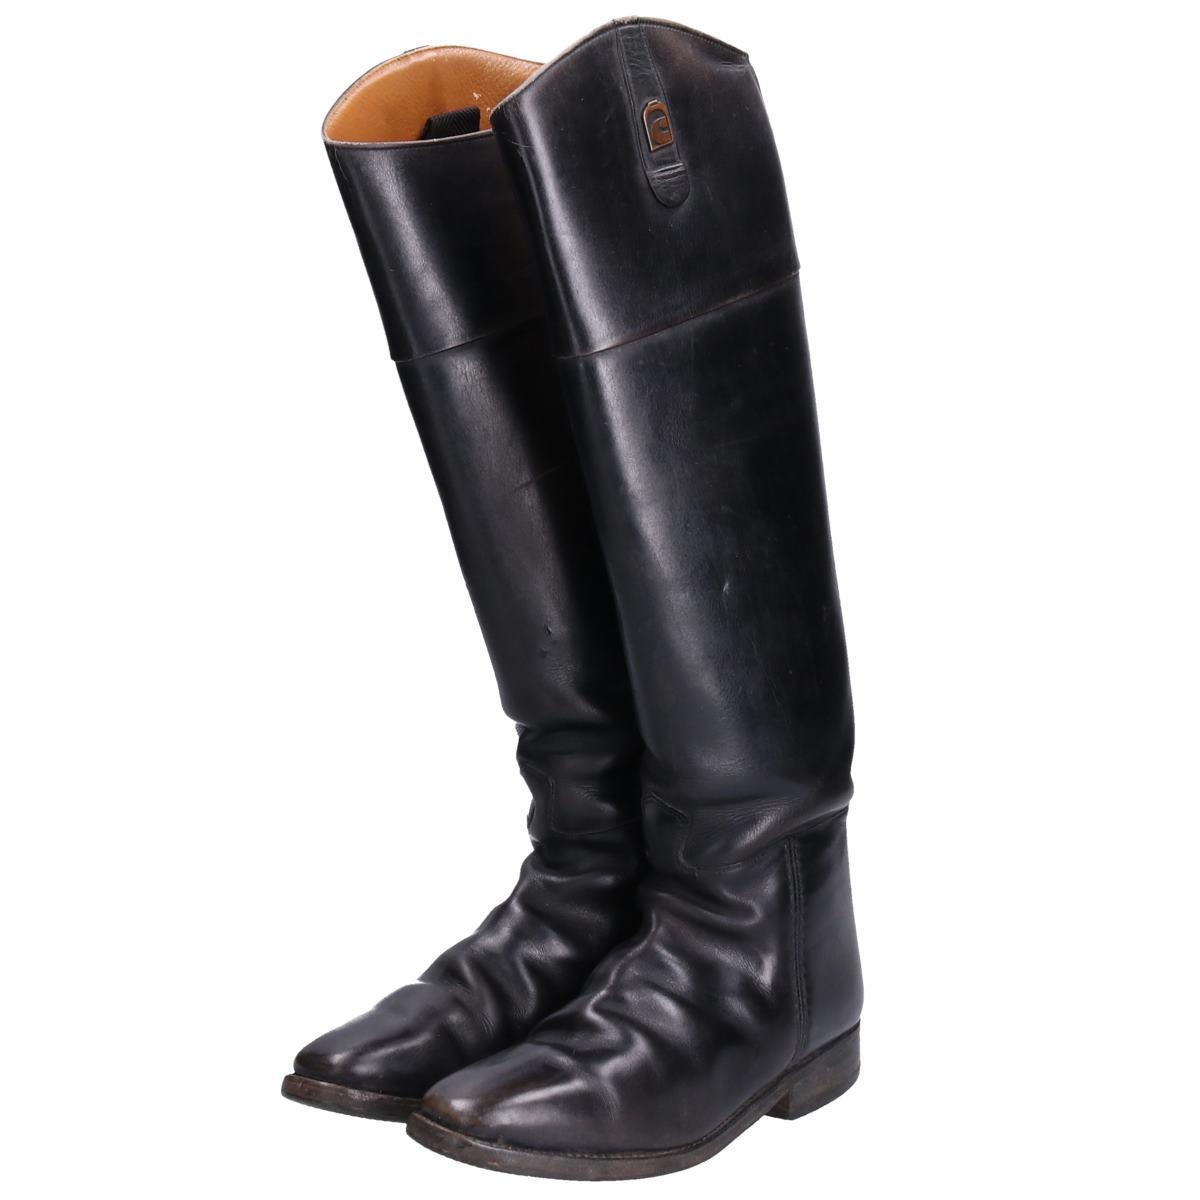 カバロ Cavallo ジョッキー乗馬ブーツ 5 レディース23.0cm /boq3406 【中古】 【191010】